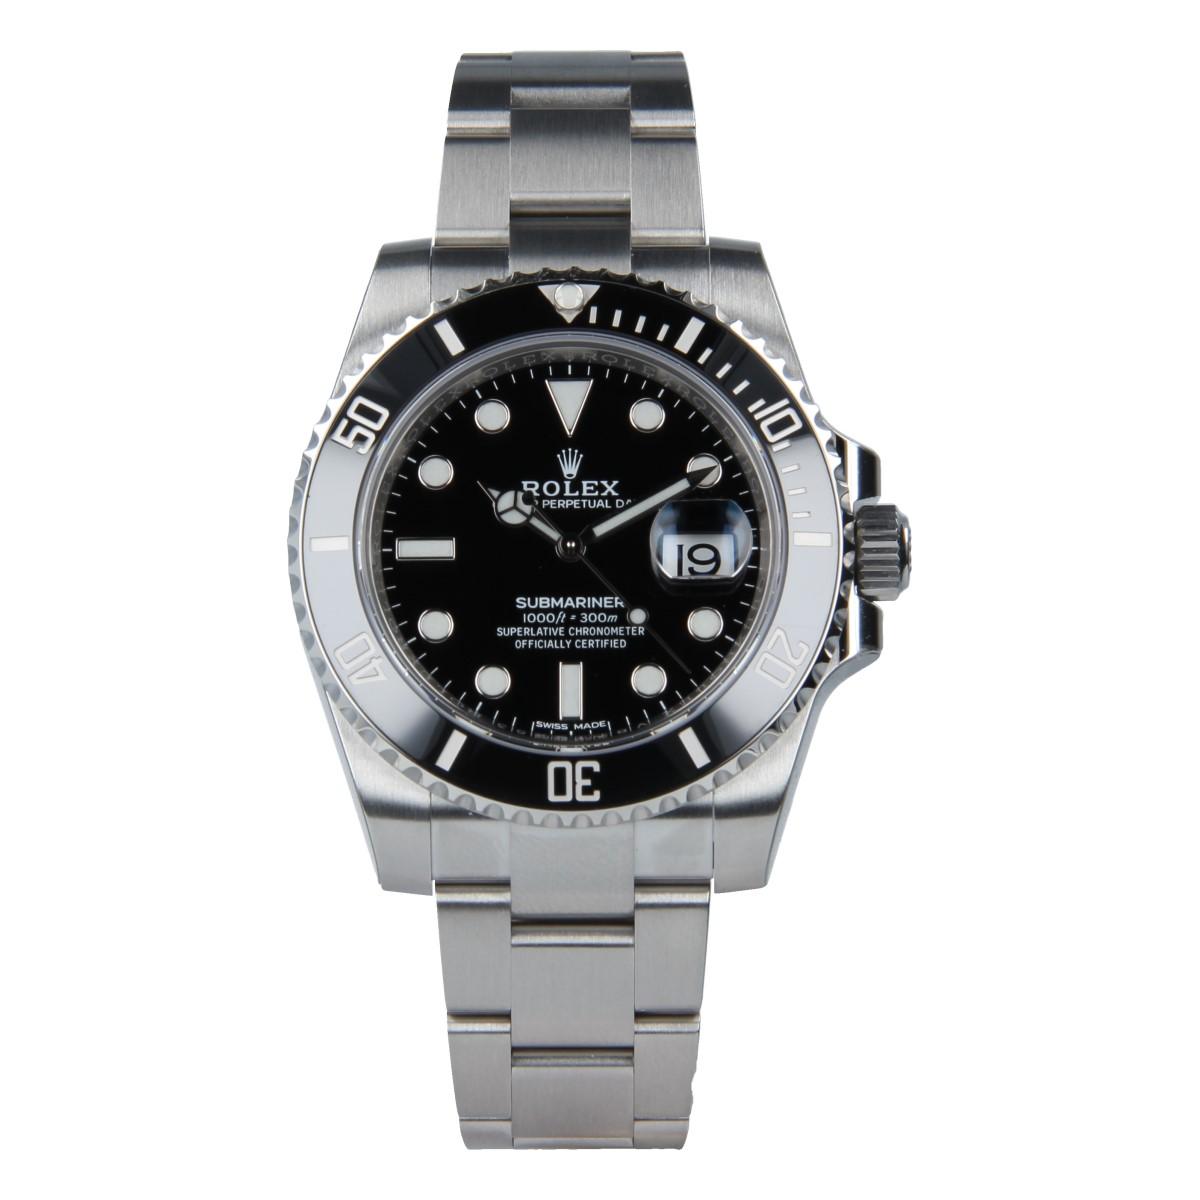 Rolex Rolex 116610 Lnnuevo Submariner 116610 Submariner qVpMSUz